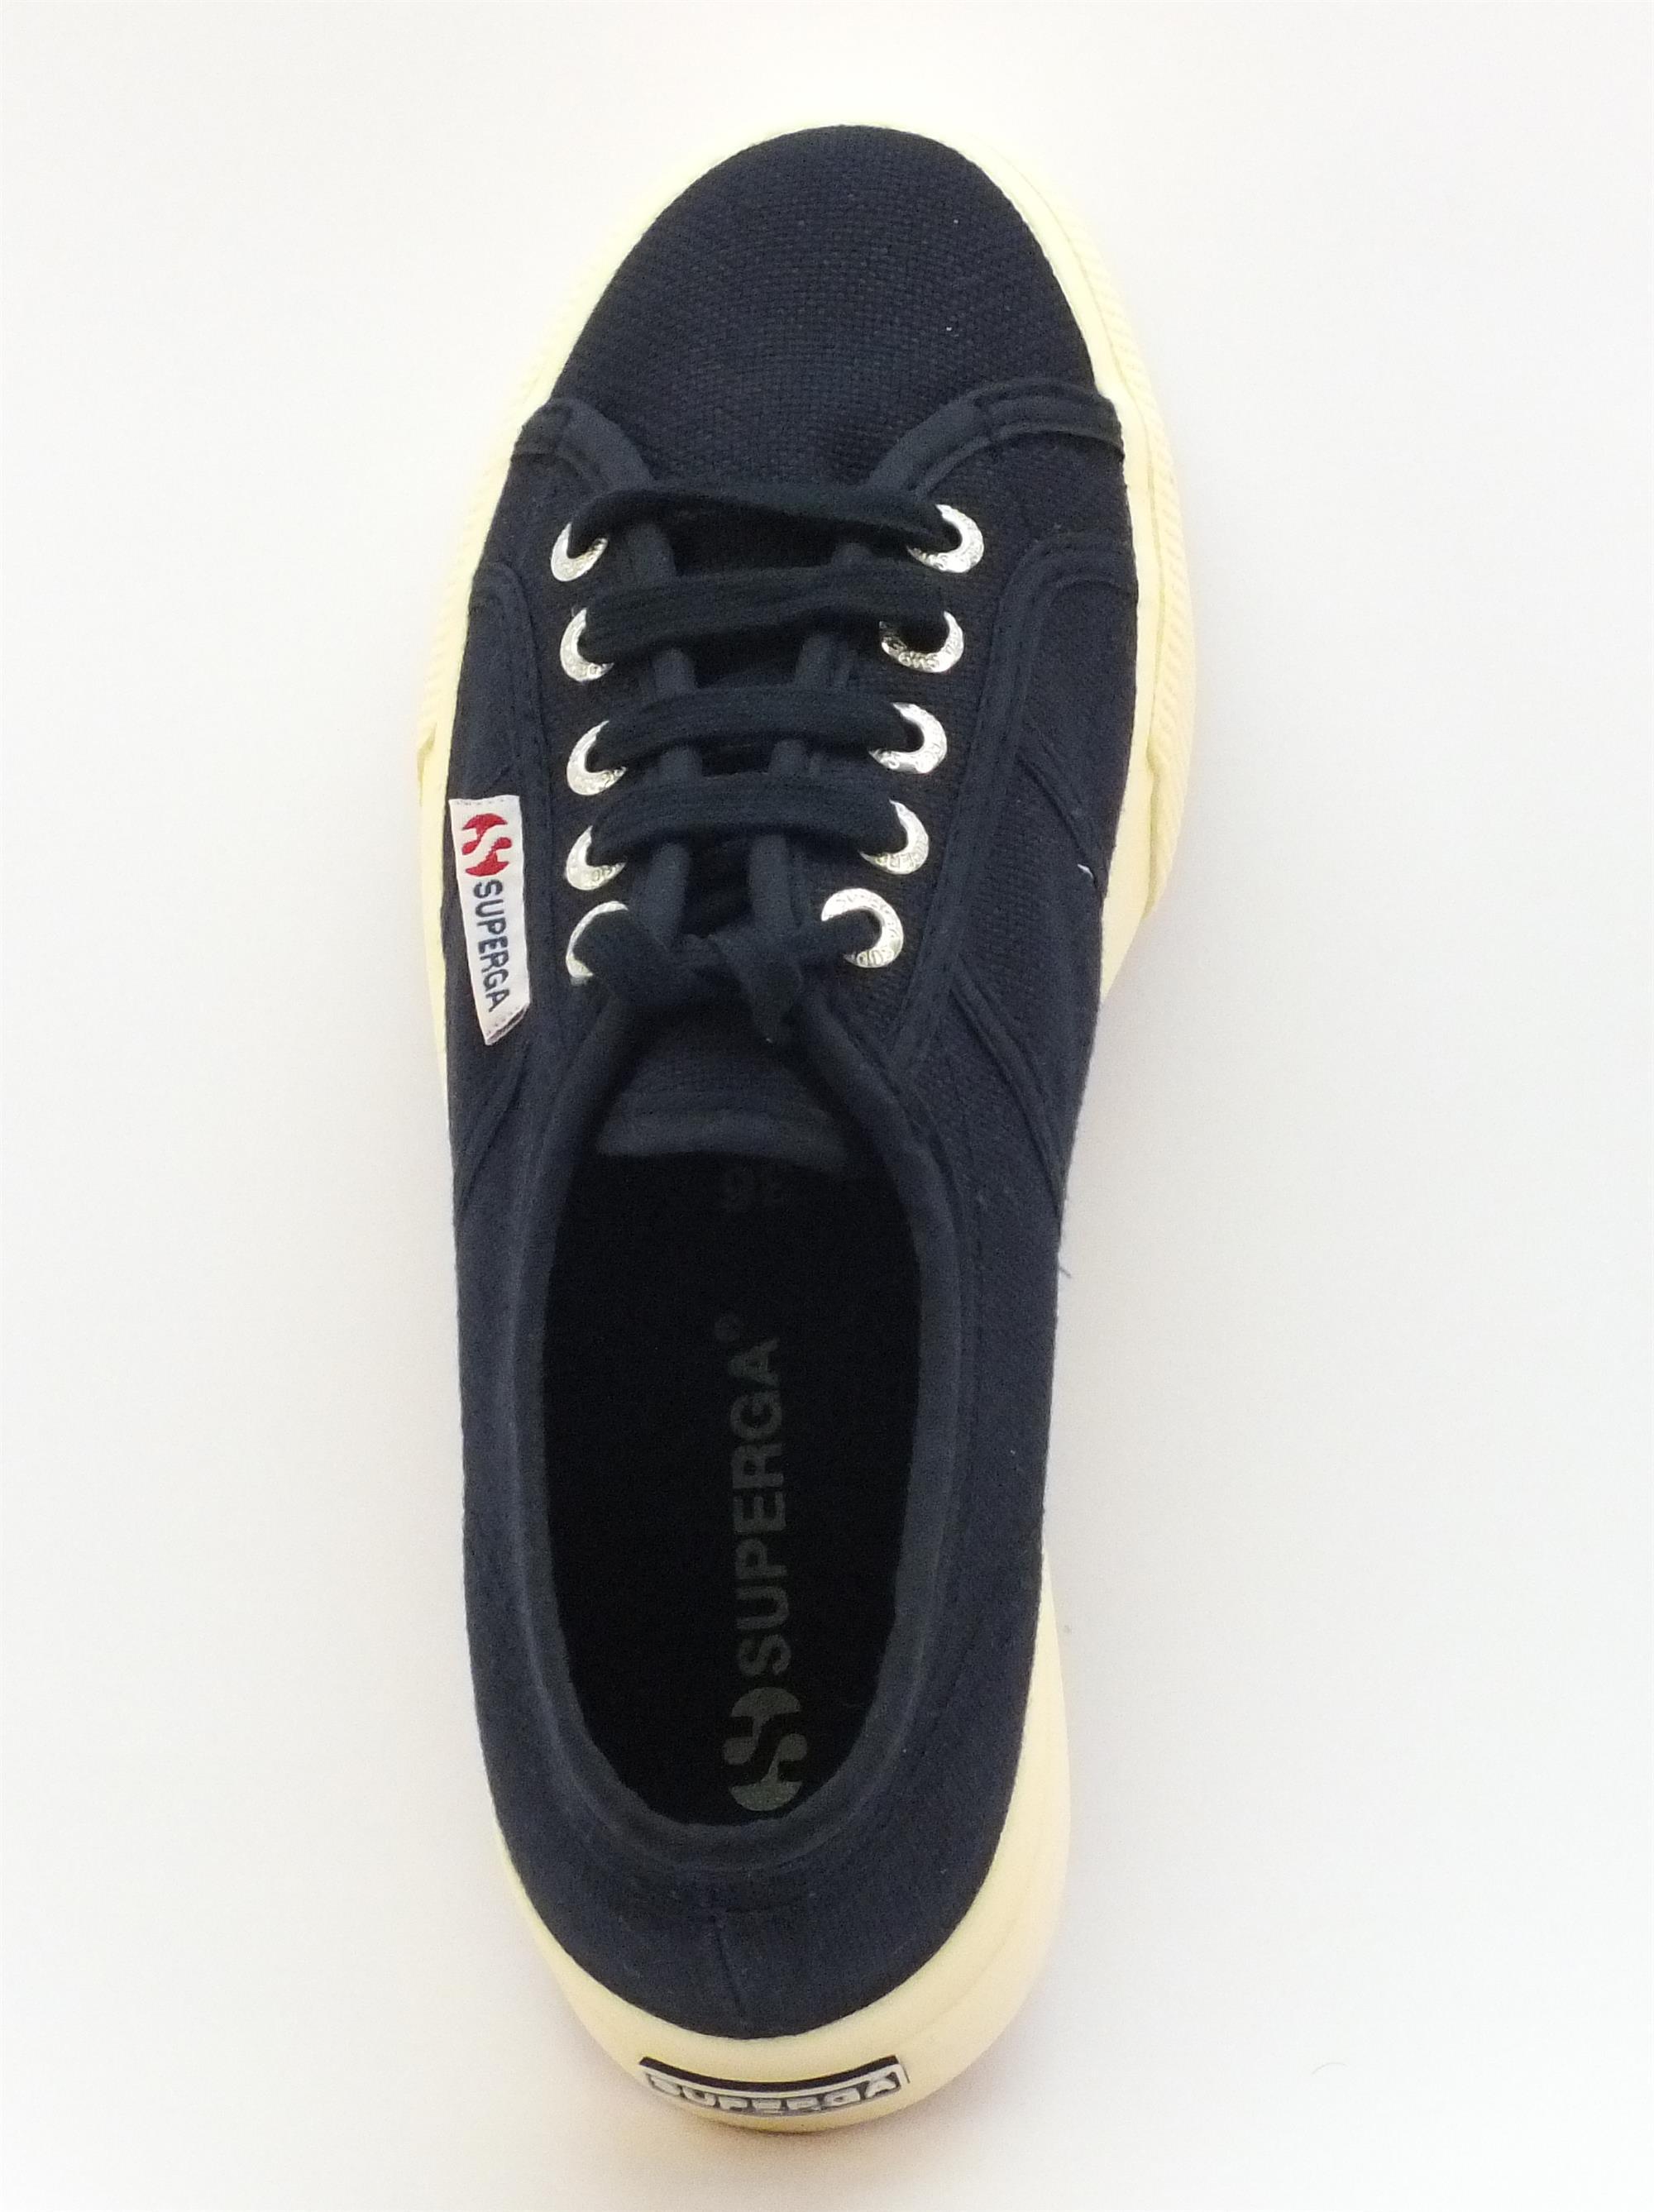 Scarpe Superga donna tessuto blu zeppa alta - Vitiello Calzature fcb1c182e21